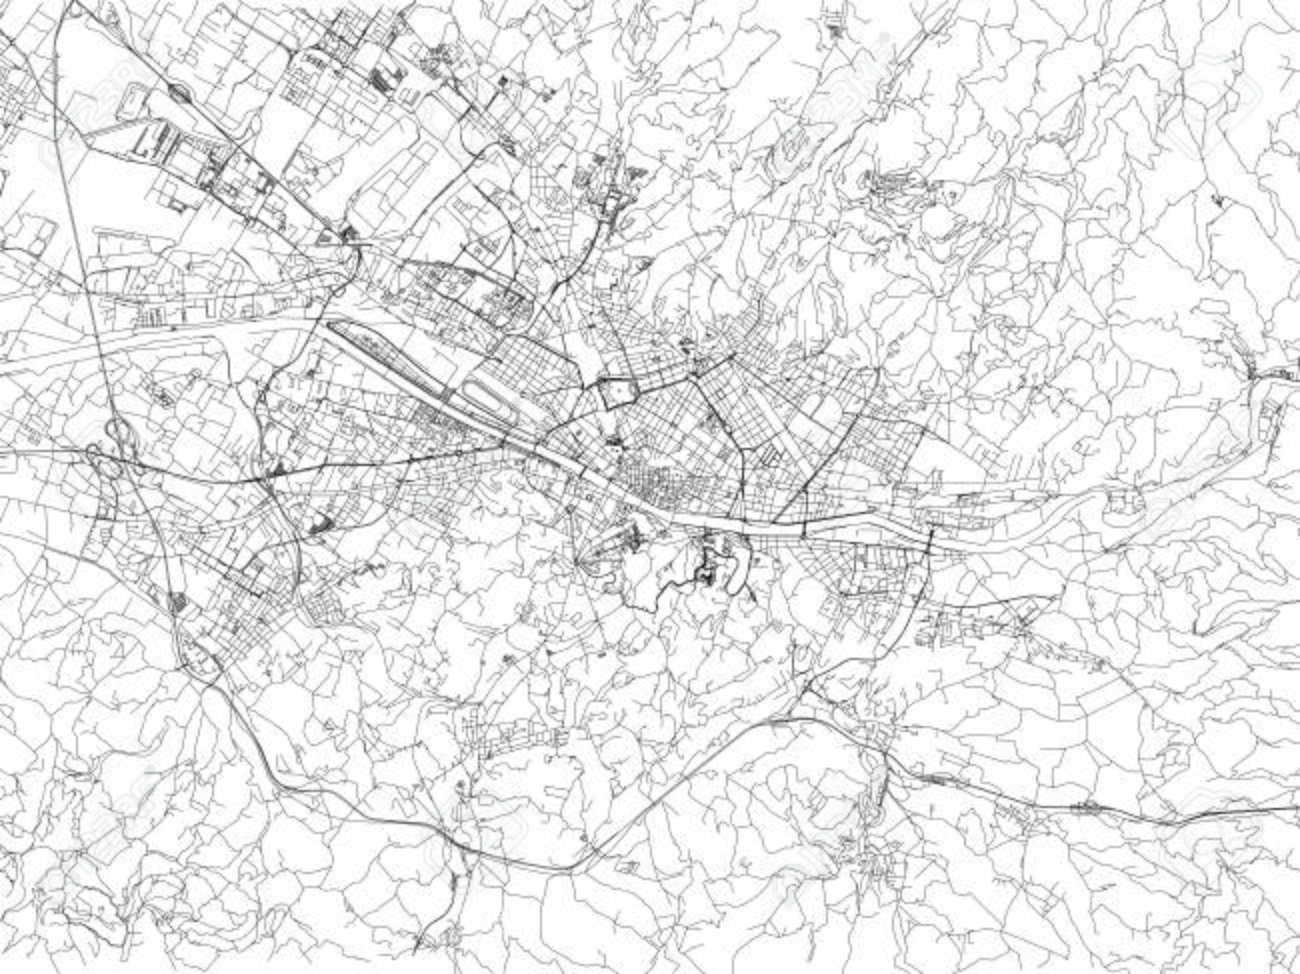 Firenze Cartina Geografica.Vettoriale Strade Di Firenze Mappa Della Citta Toscana Italia Cartina Stradale Image 90315553